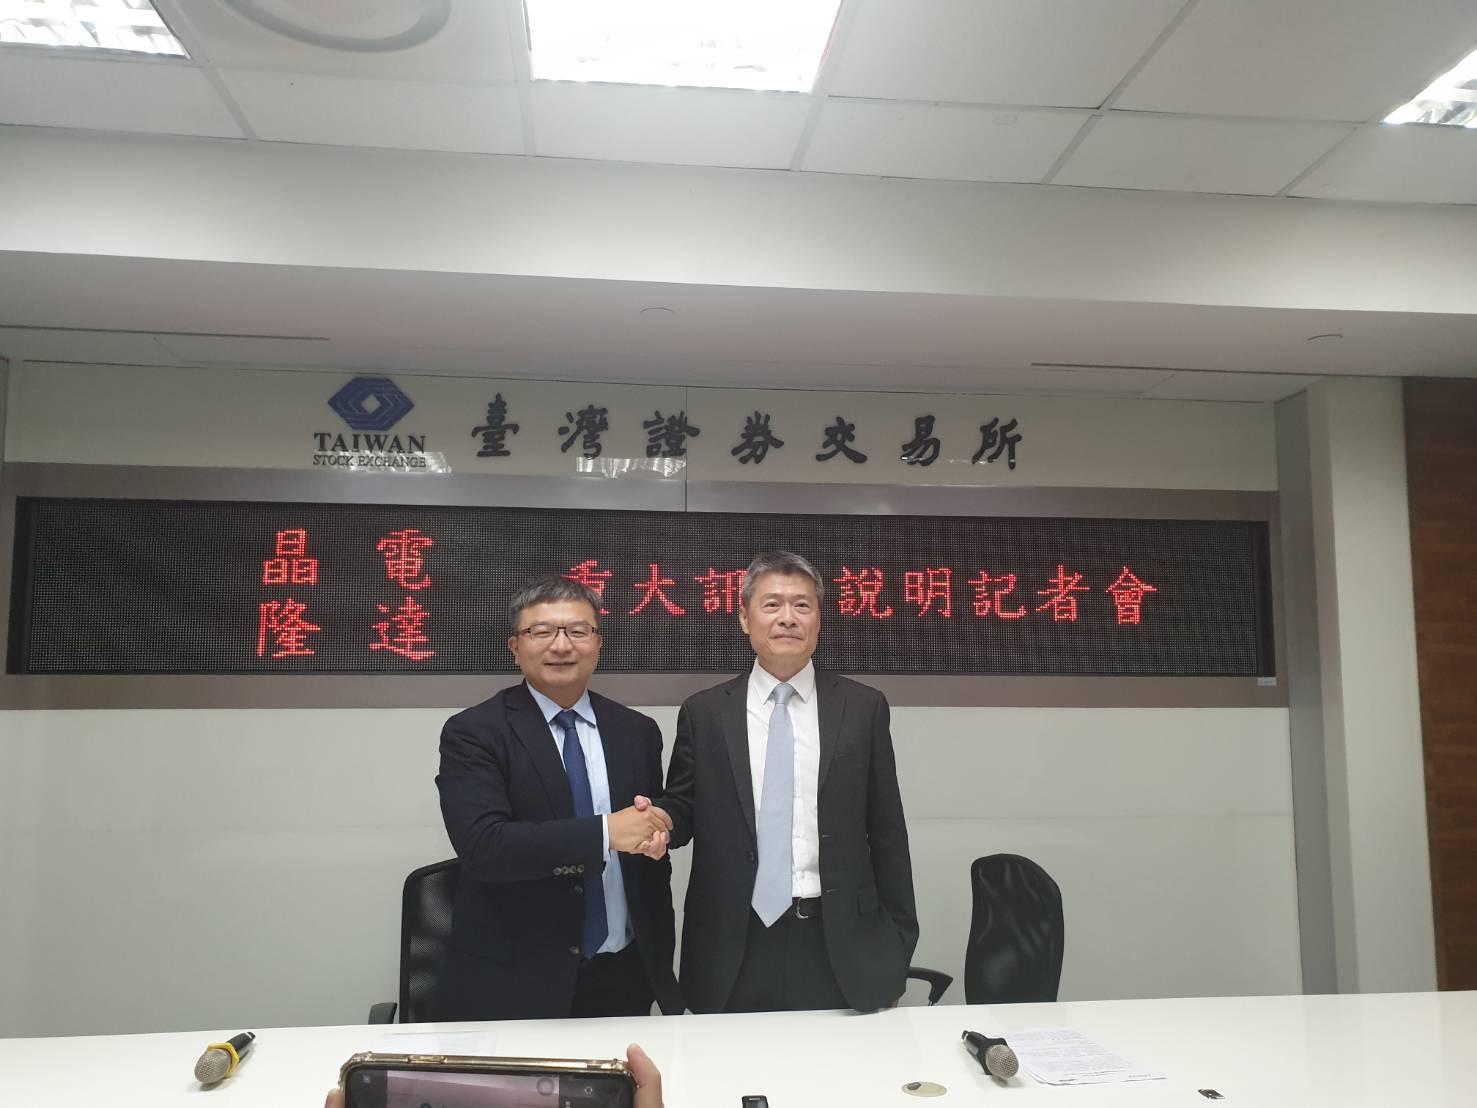 搶佔Mini-LED商機 晶電、隆達共同成立控股公司